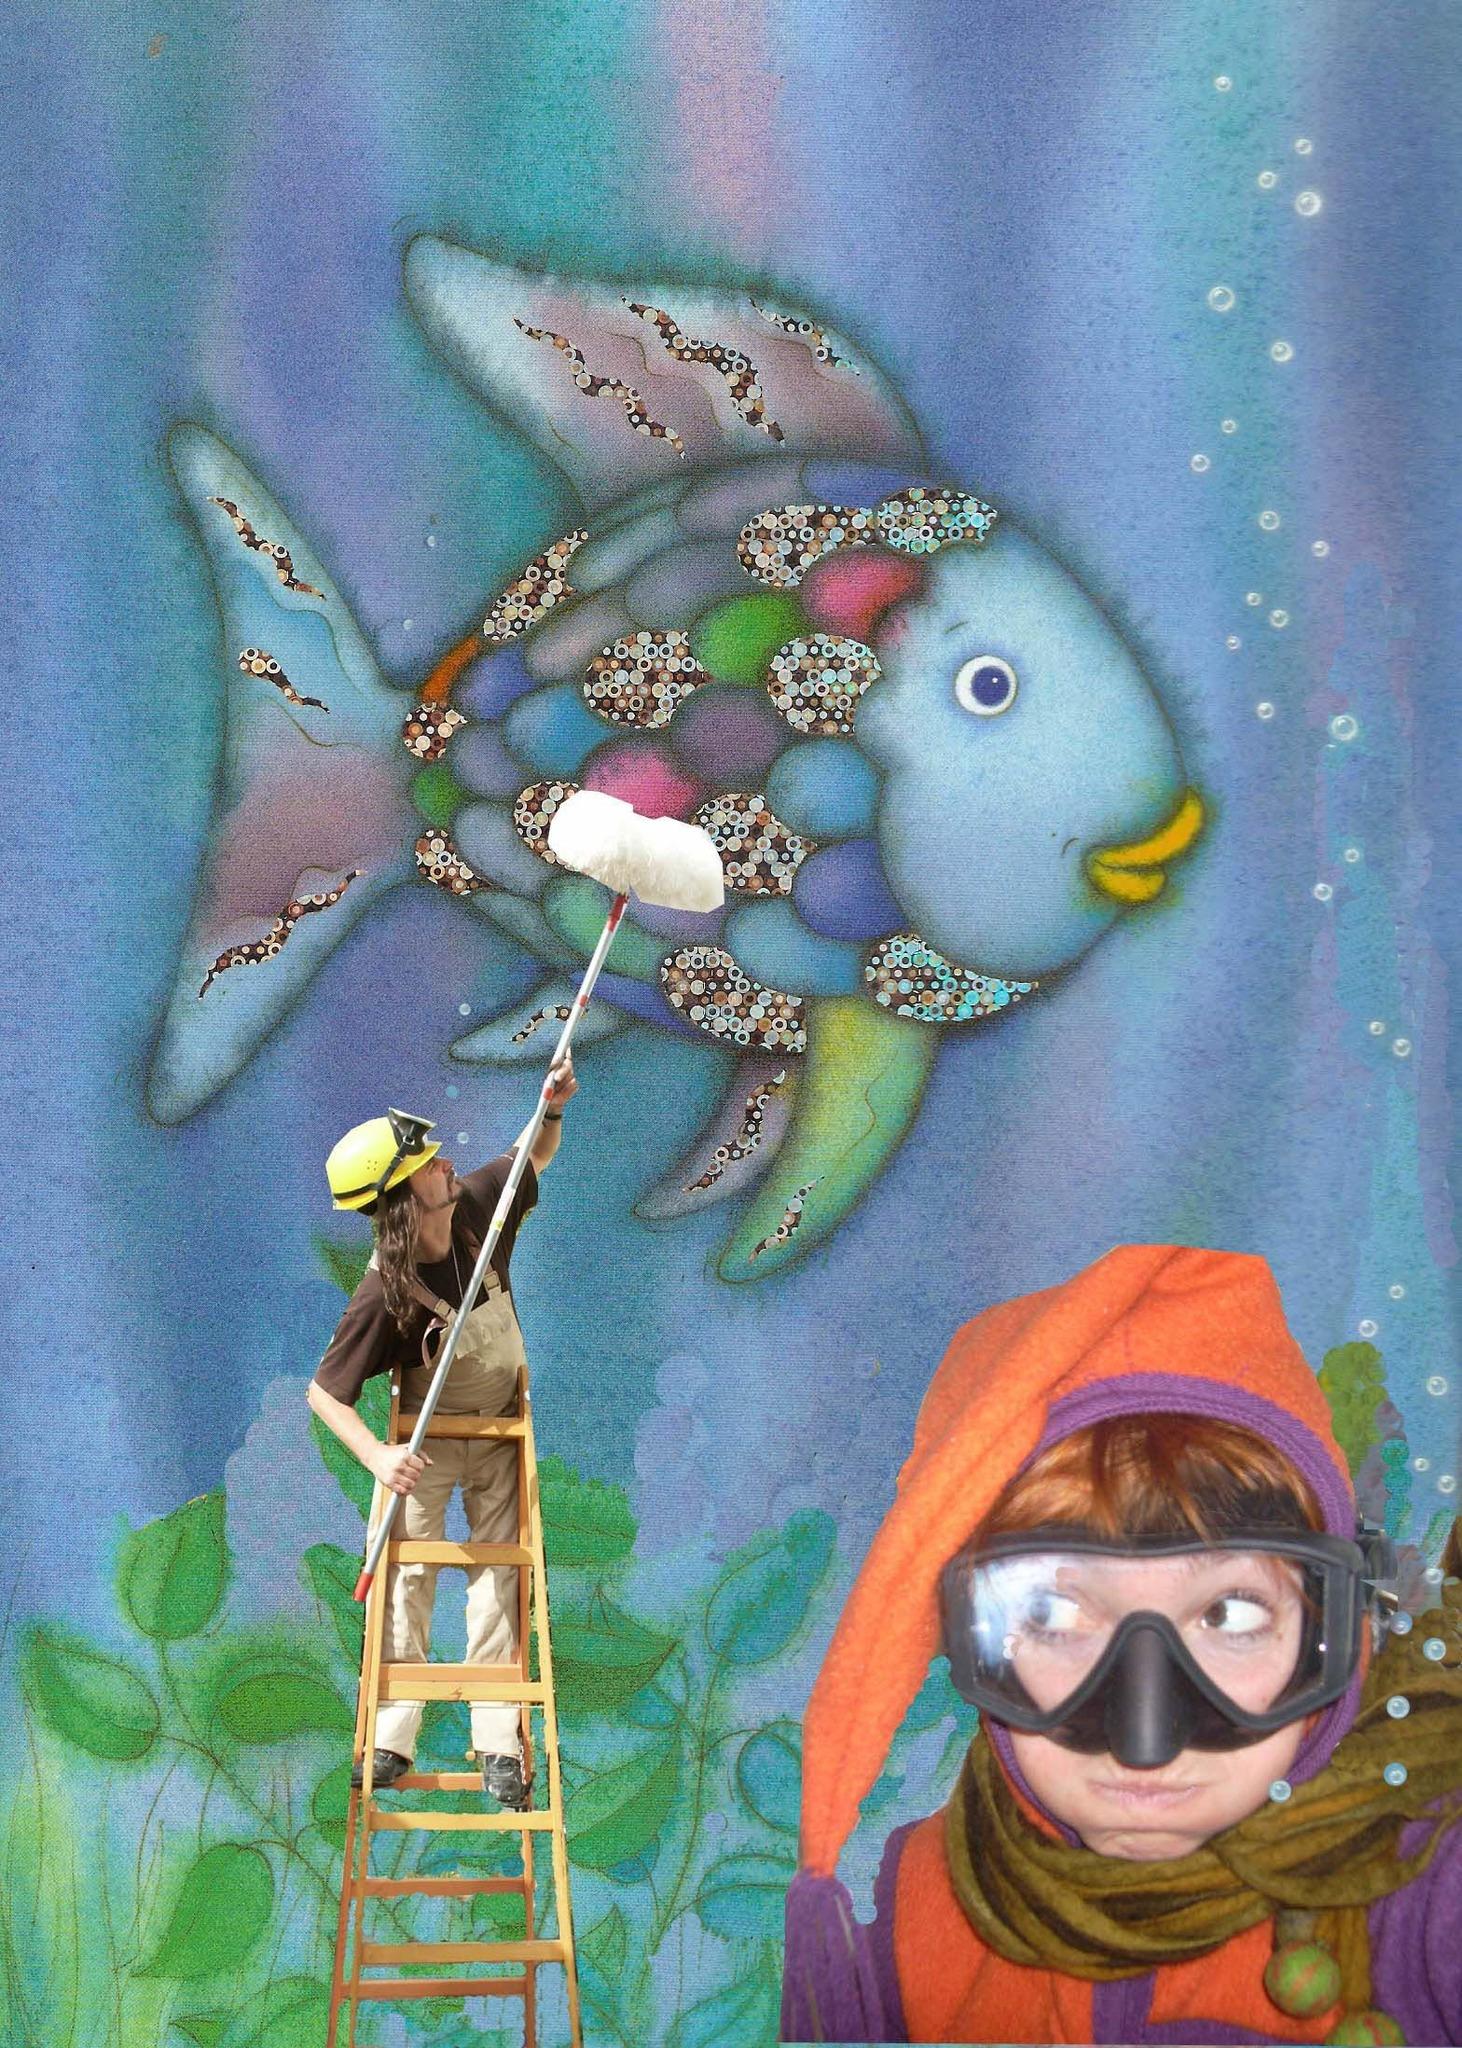 Der Regenbogenfisch Nach Dem Gleichnamigen Buch Von Marcus Pfister